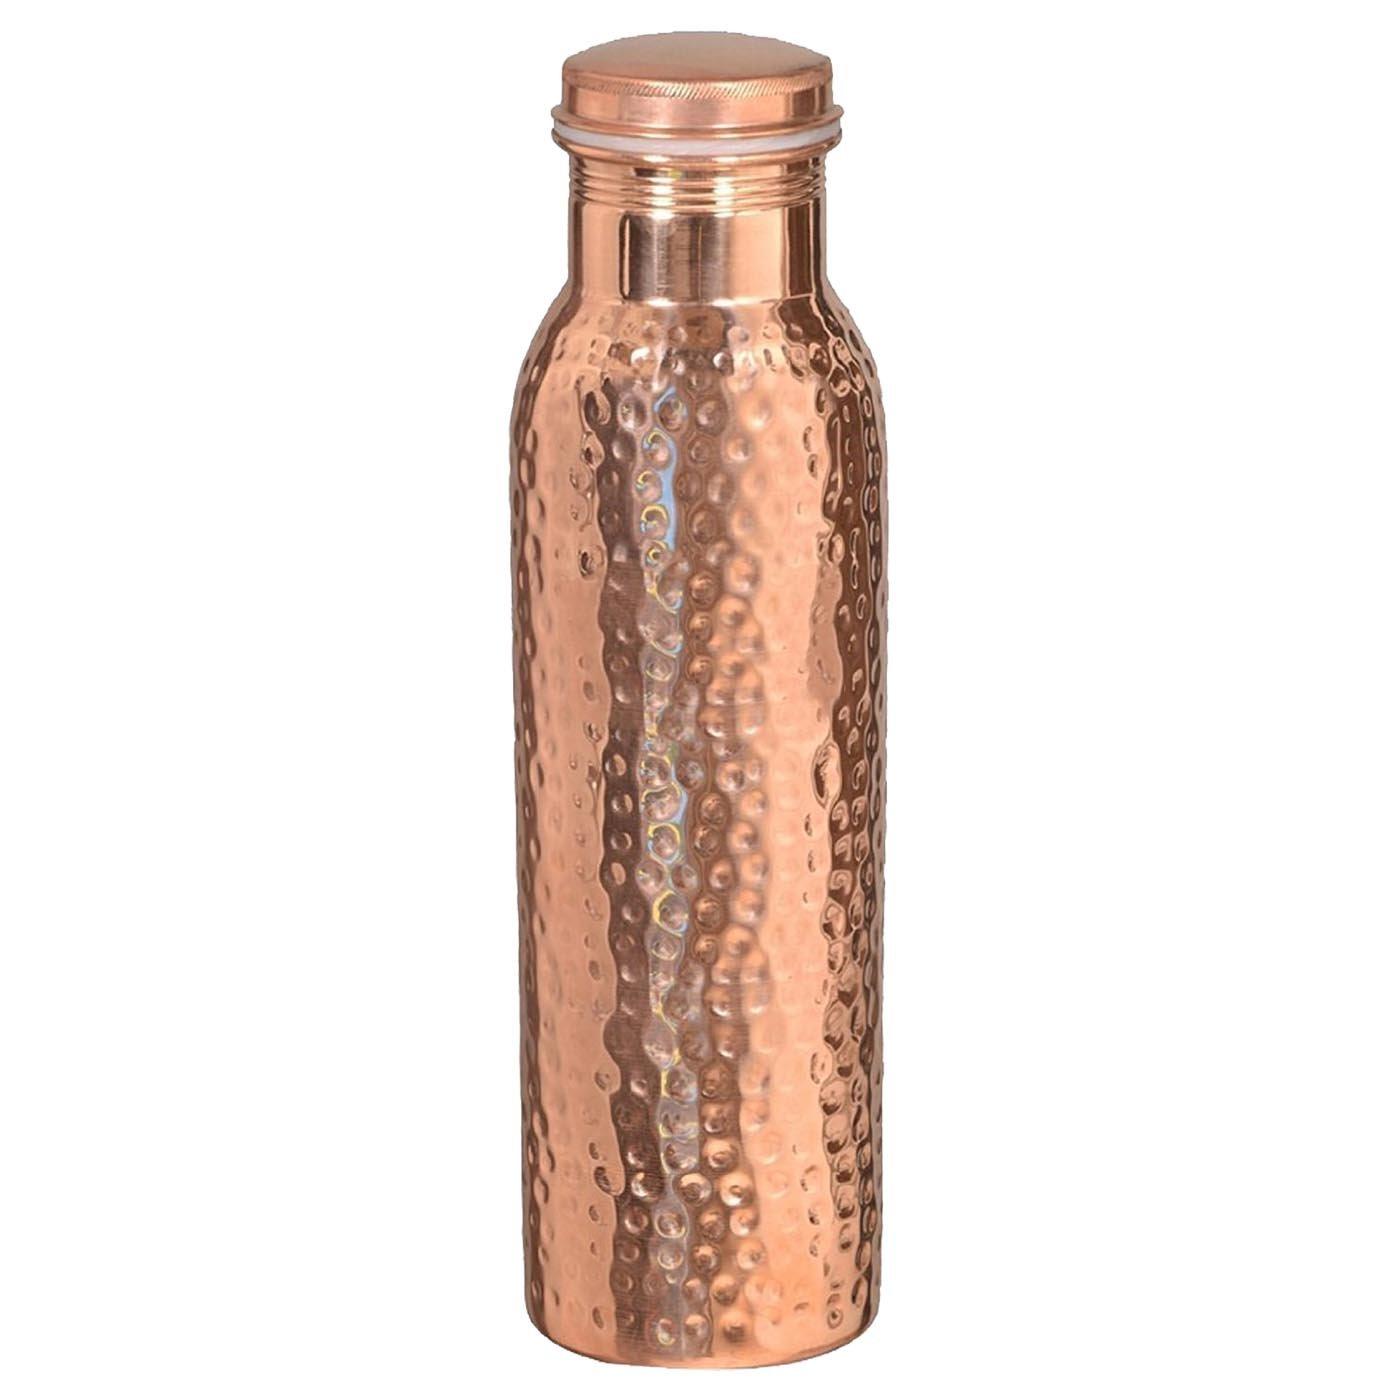 DakshCraft ® de cobre puro martillado con estilo Conjunto Agua Botella libre para los beneficios del Ayurveda Salud (28,74 oz / 850 ml) con 4 Pequeño cobre ...